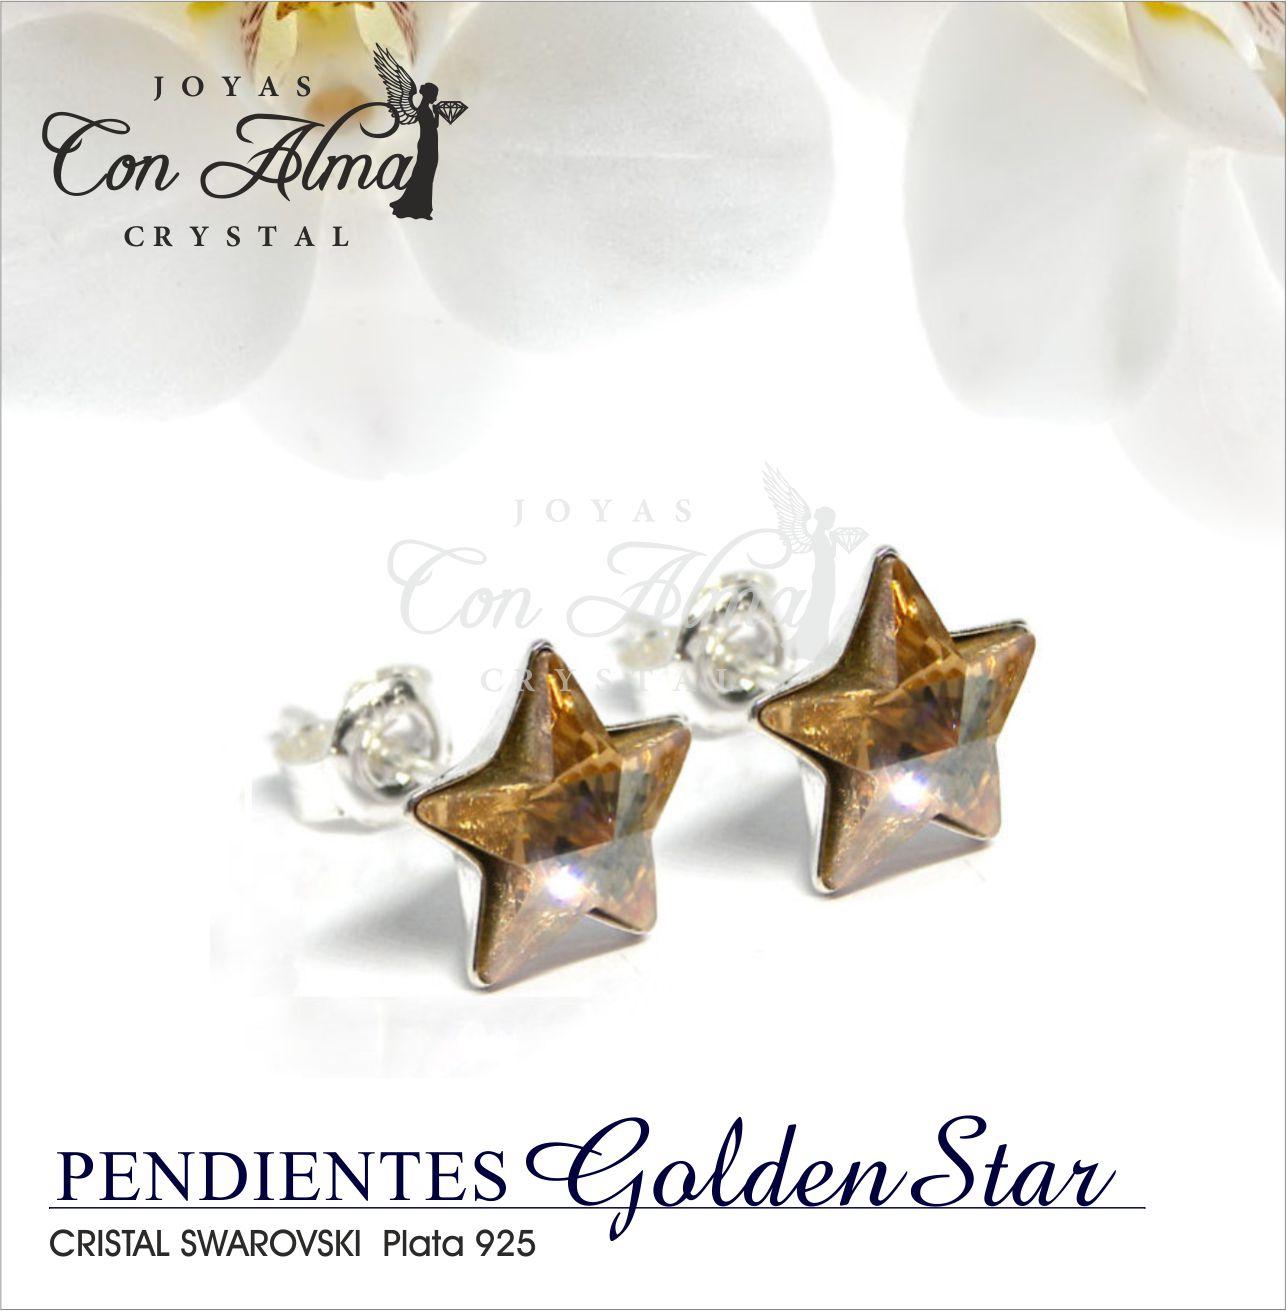 Pendientes  Golden Star 17,99 €